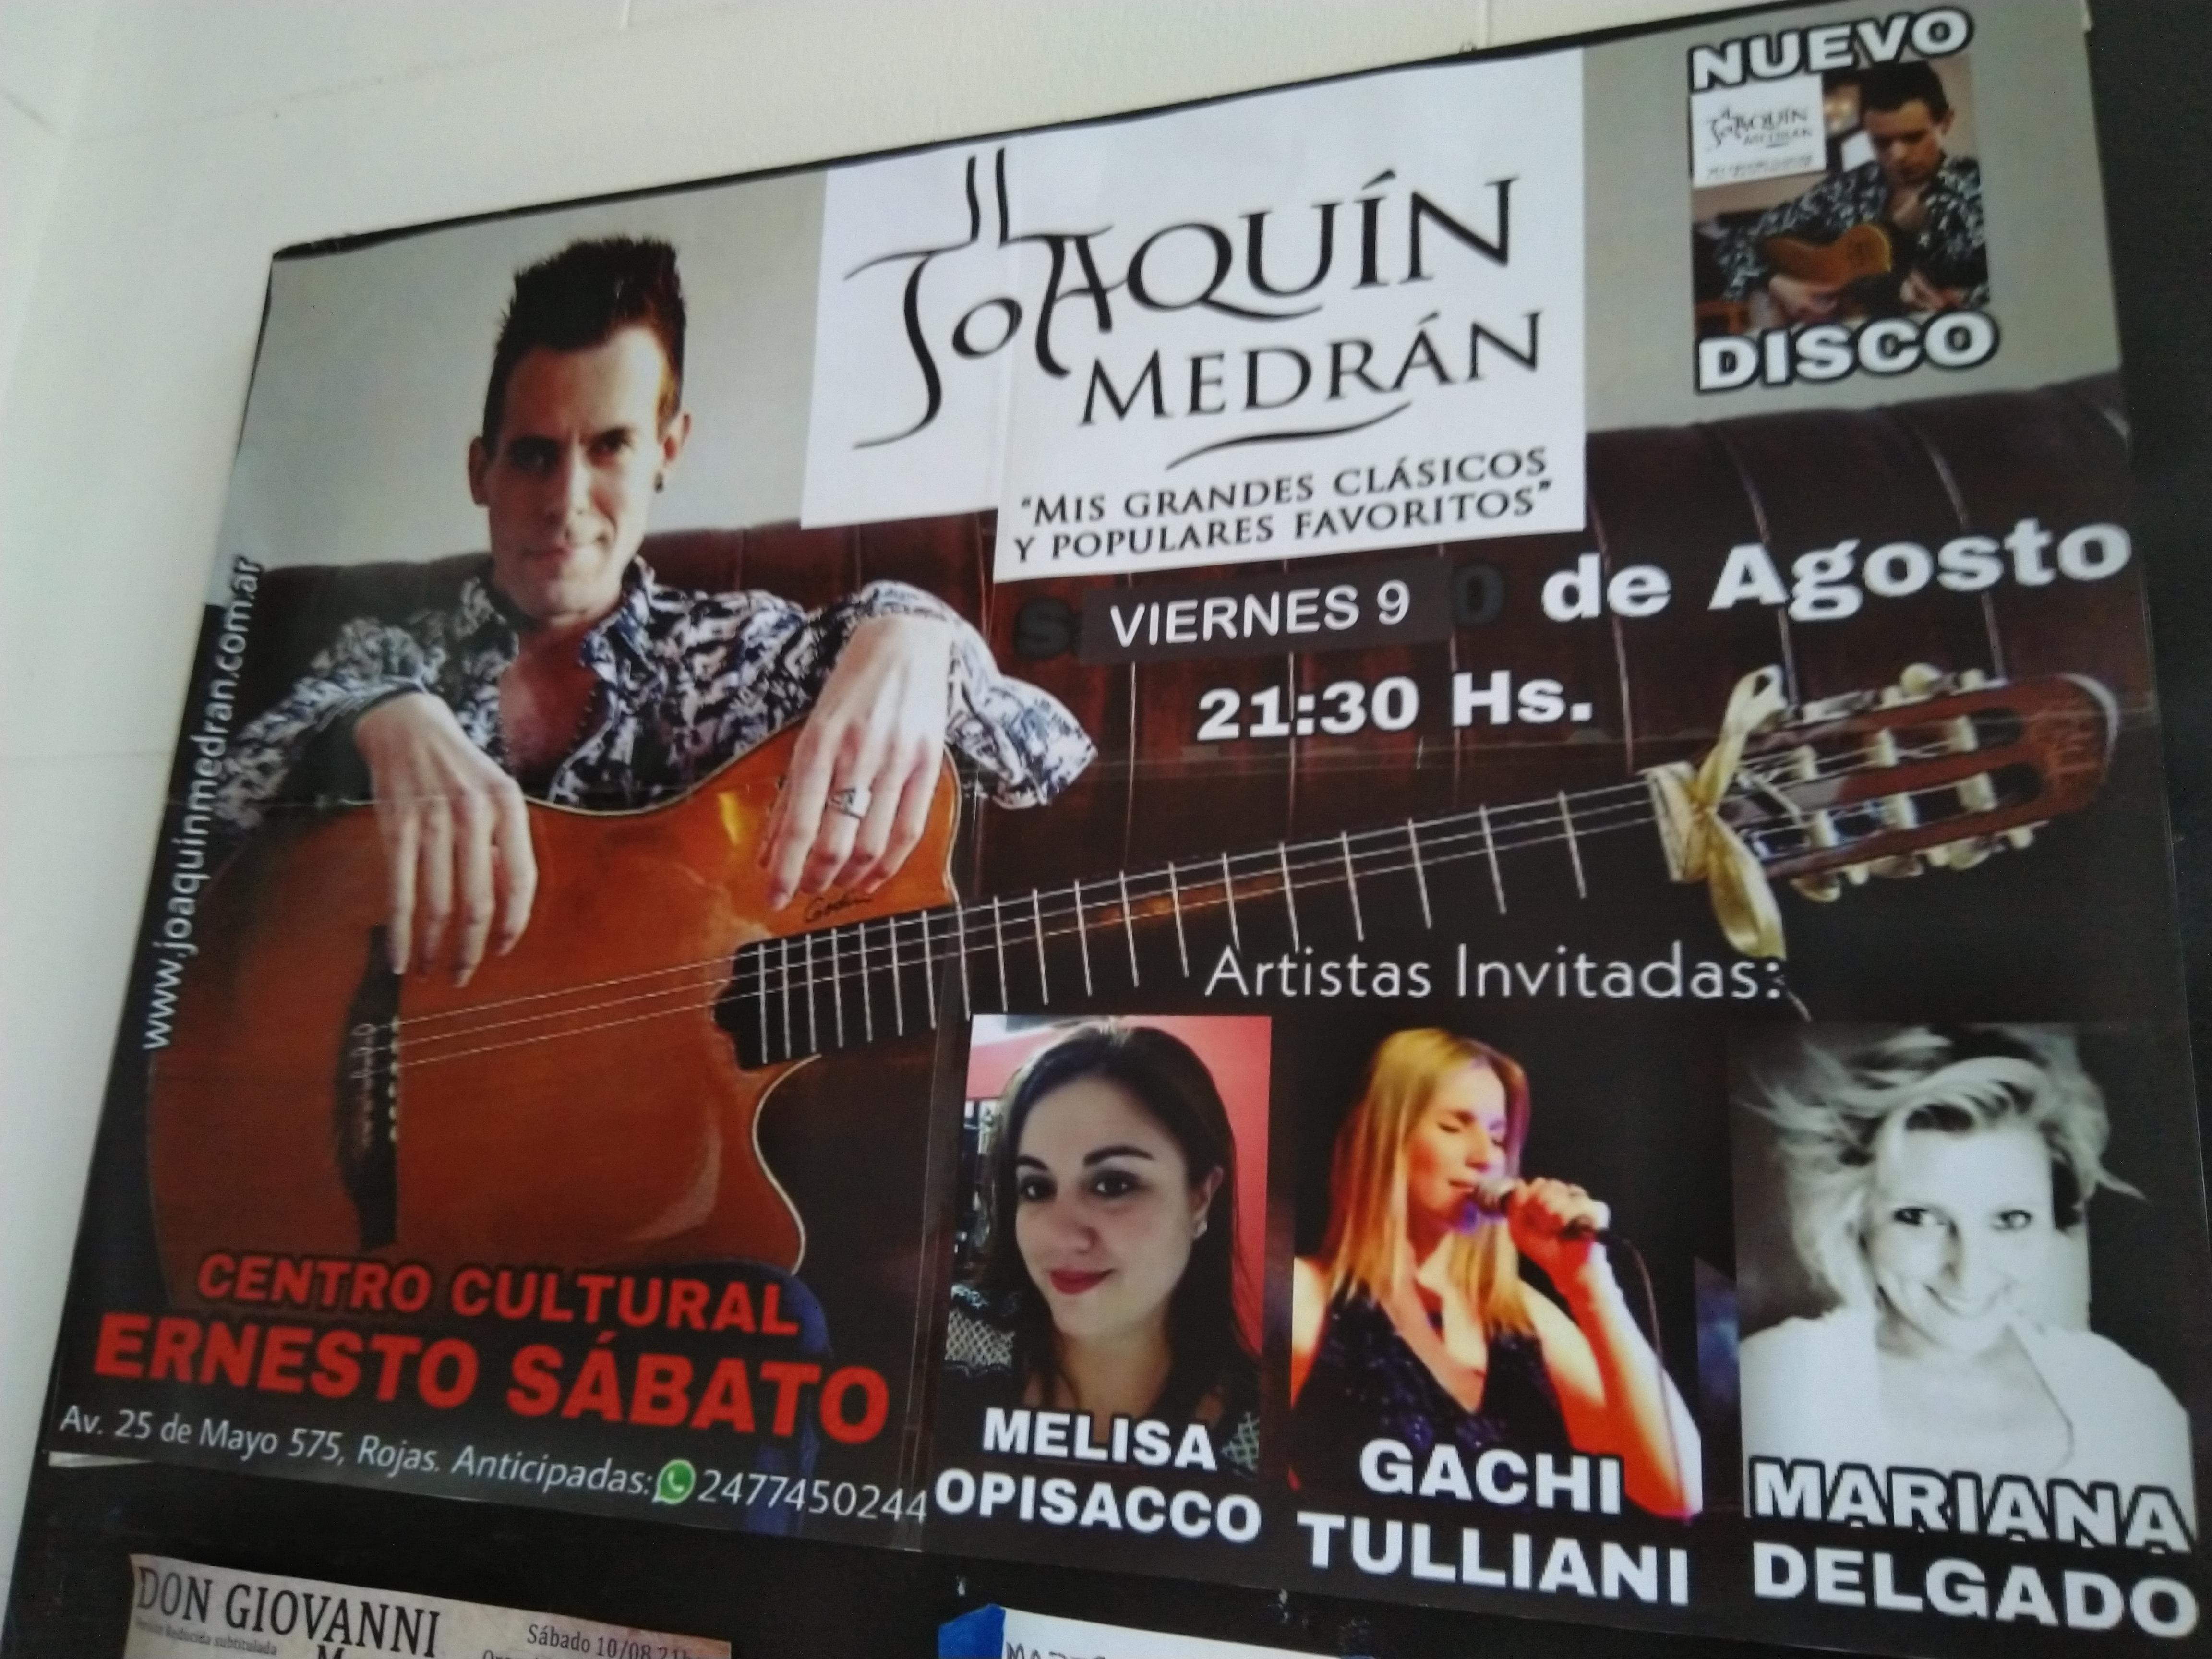 Joaquín Medrán se presenta en el Centro Cultural Ernesto Sabato